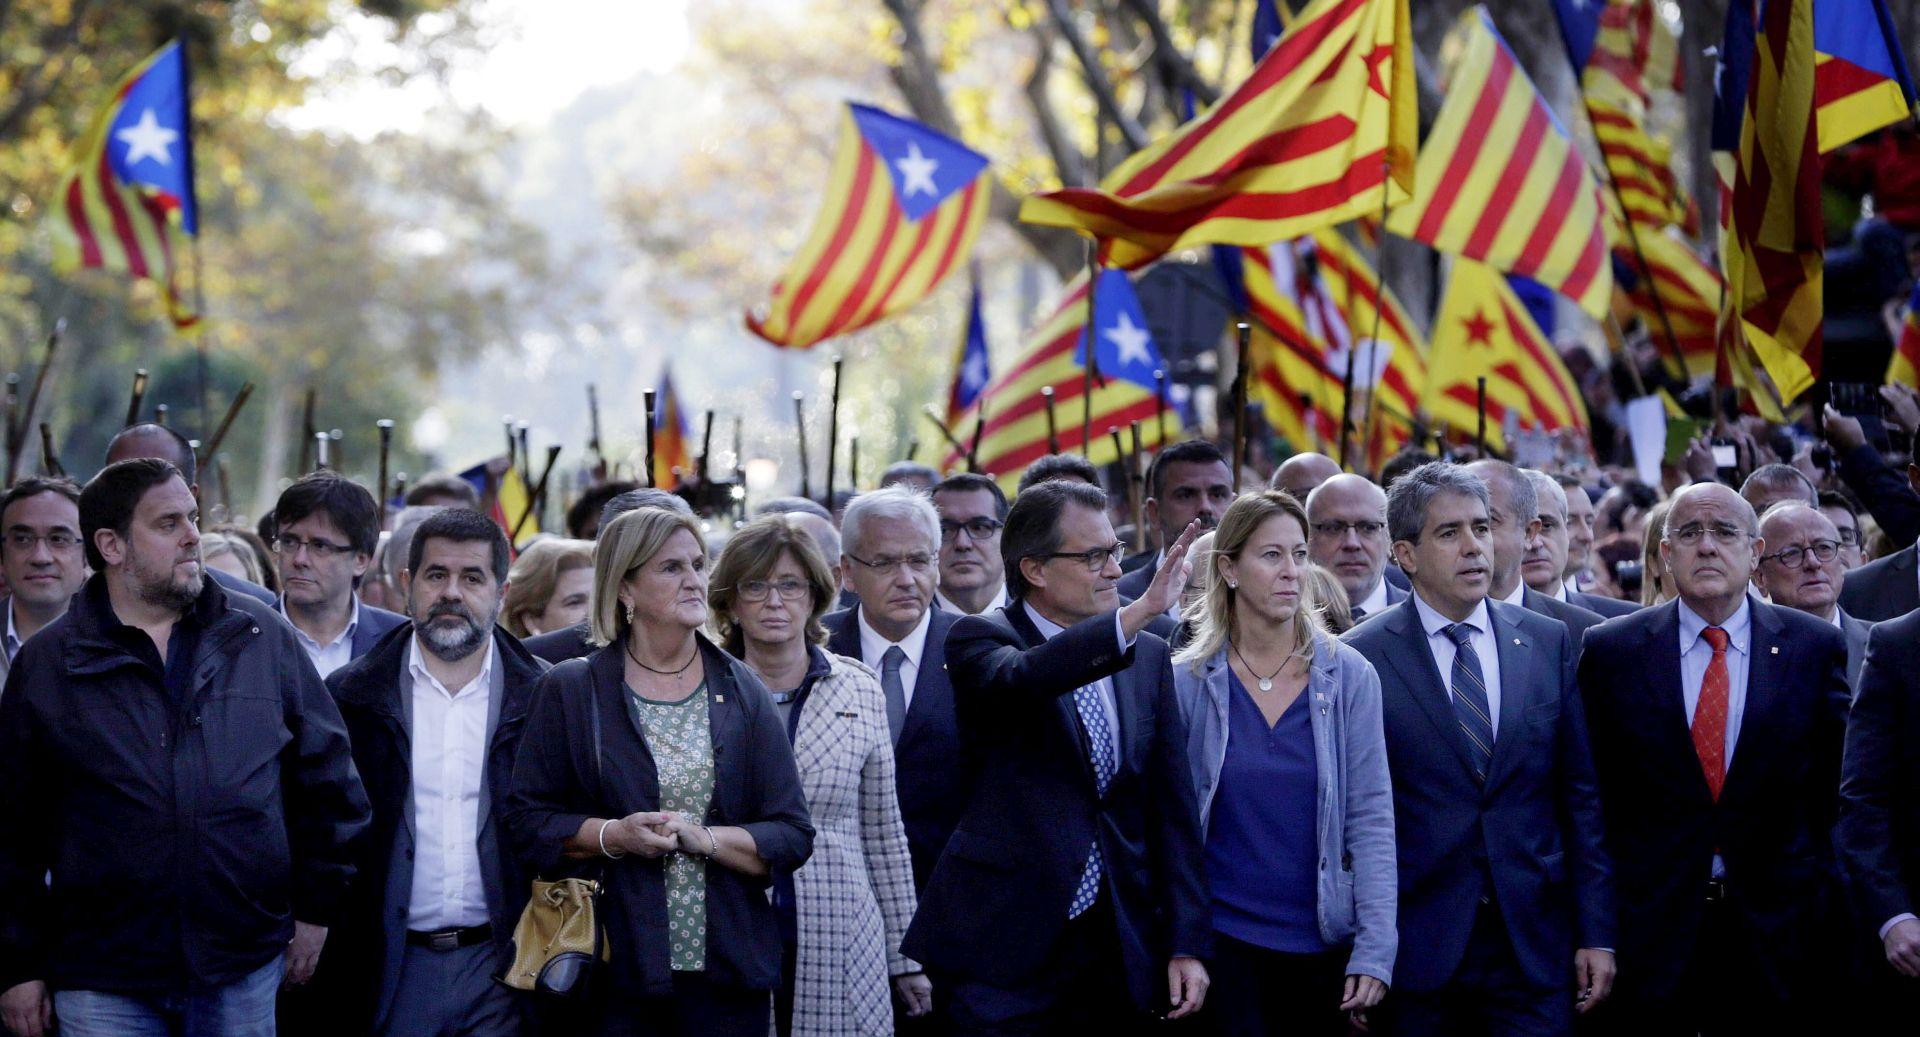 ANKETA Većina Katalonaca odbacuje plan odcijepljenja od Španjolske